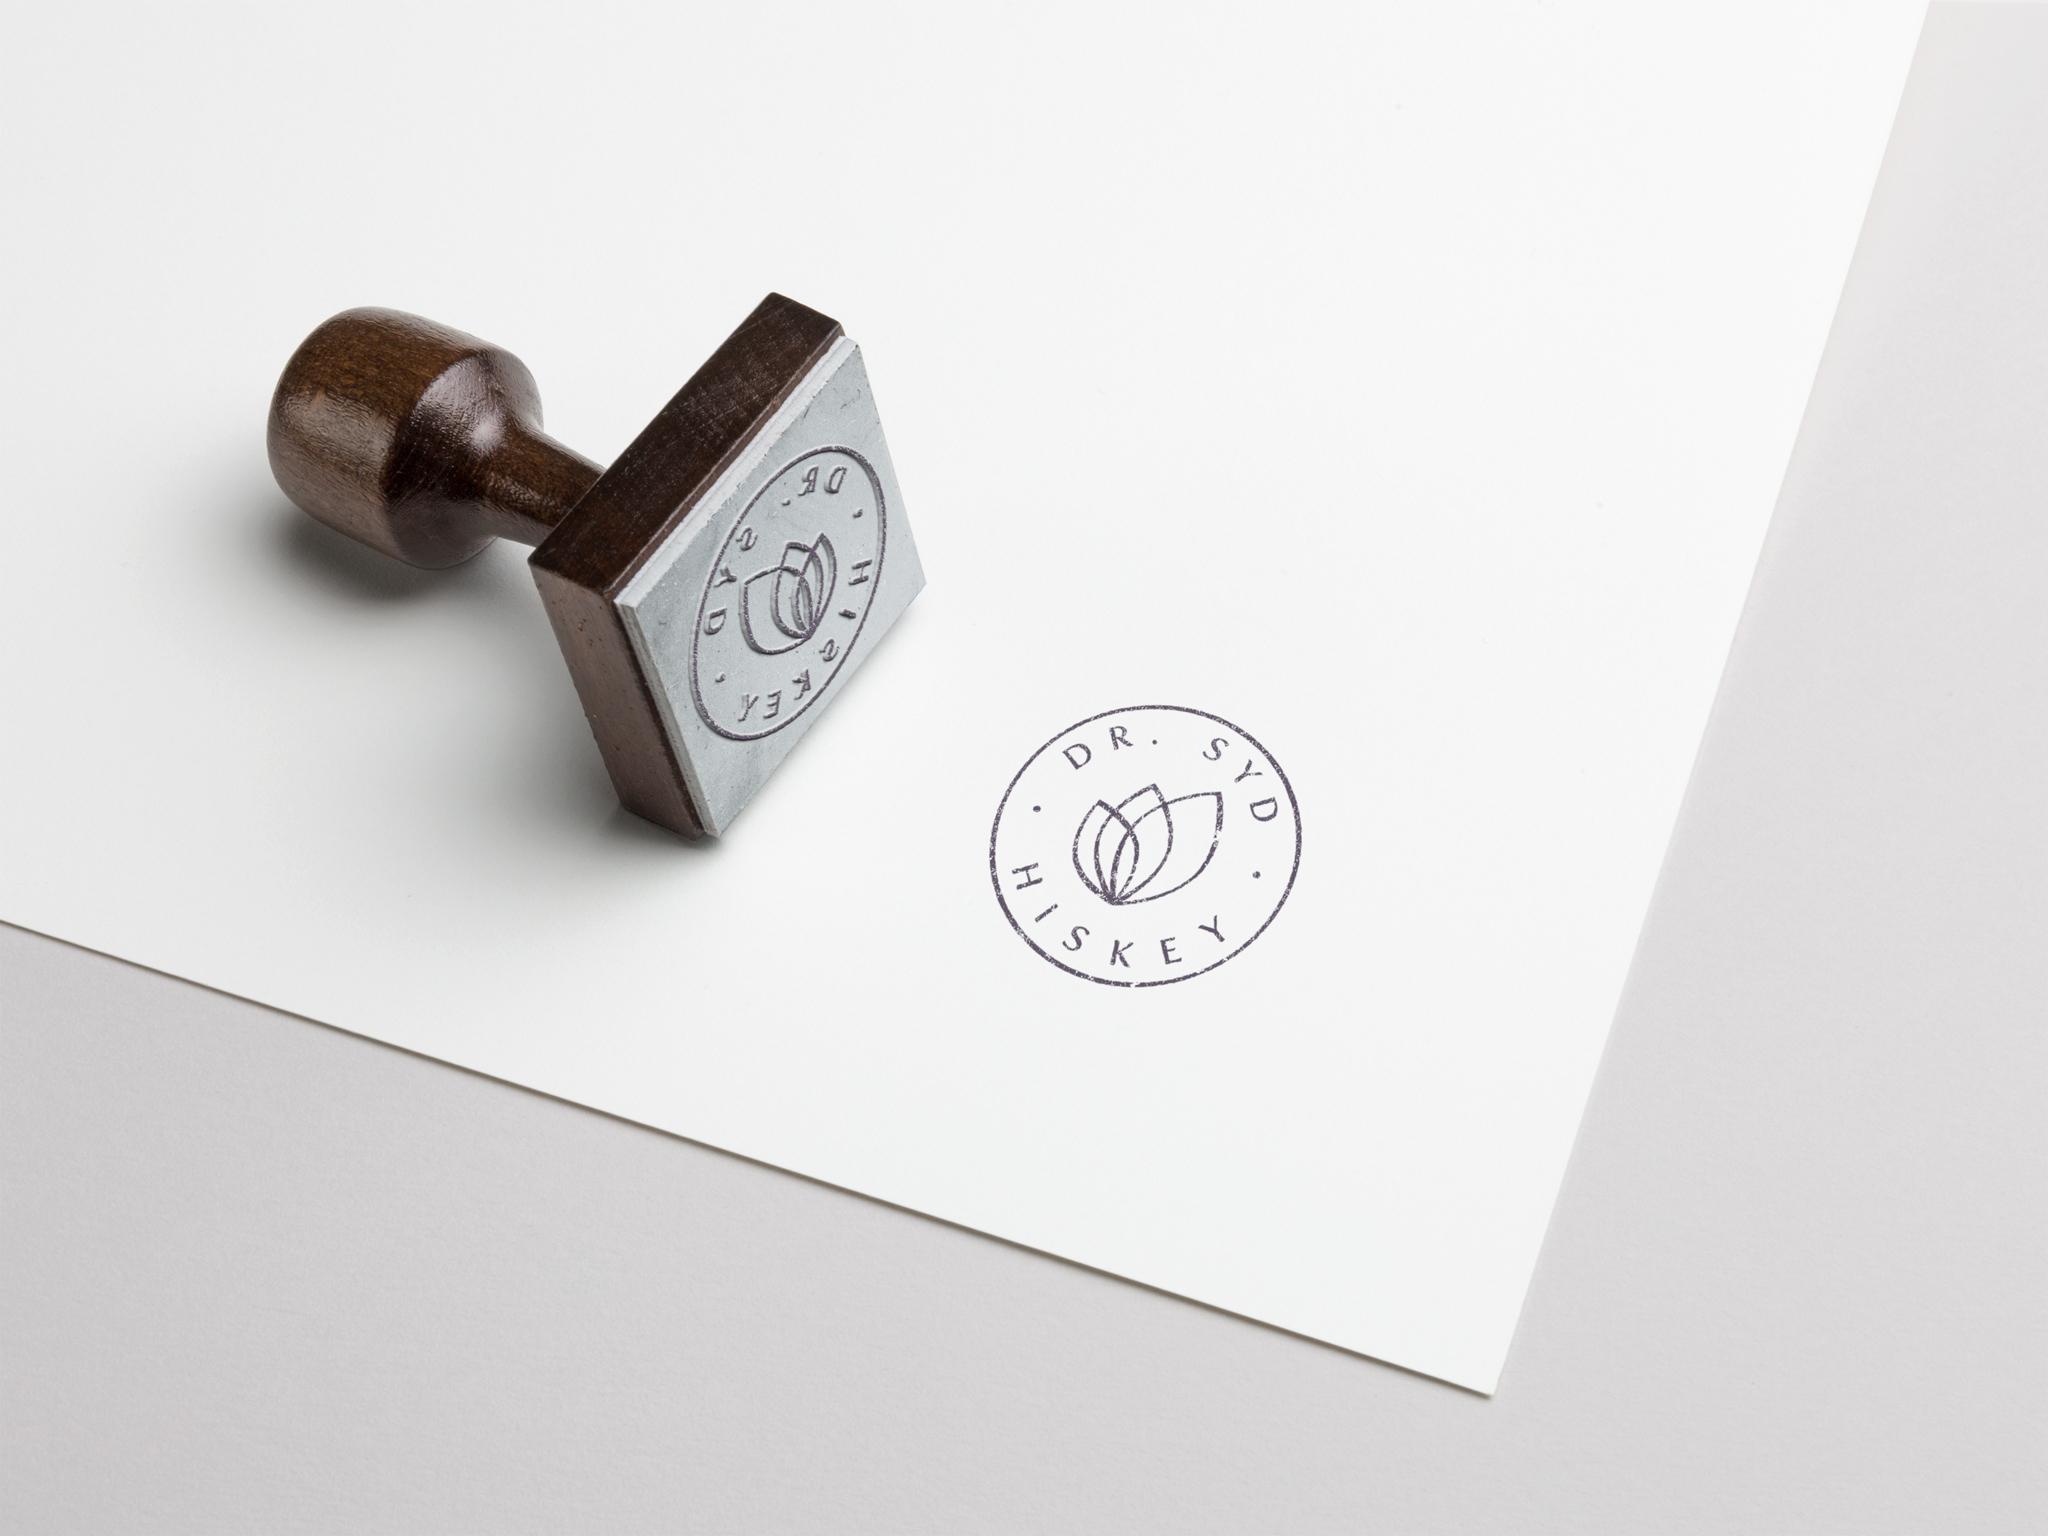 Logo Design for Dr Syd Hiskey on Rubber Stamp.